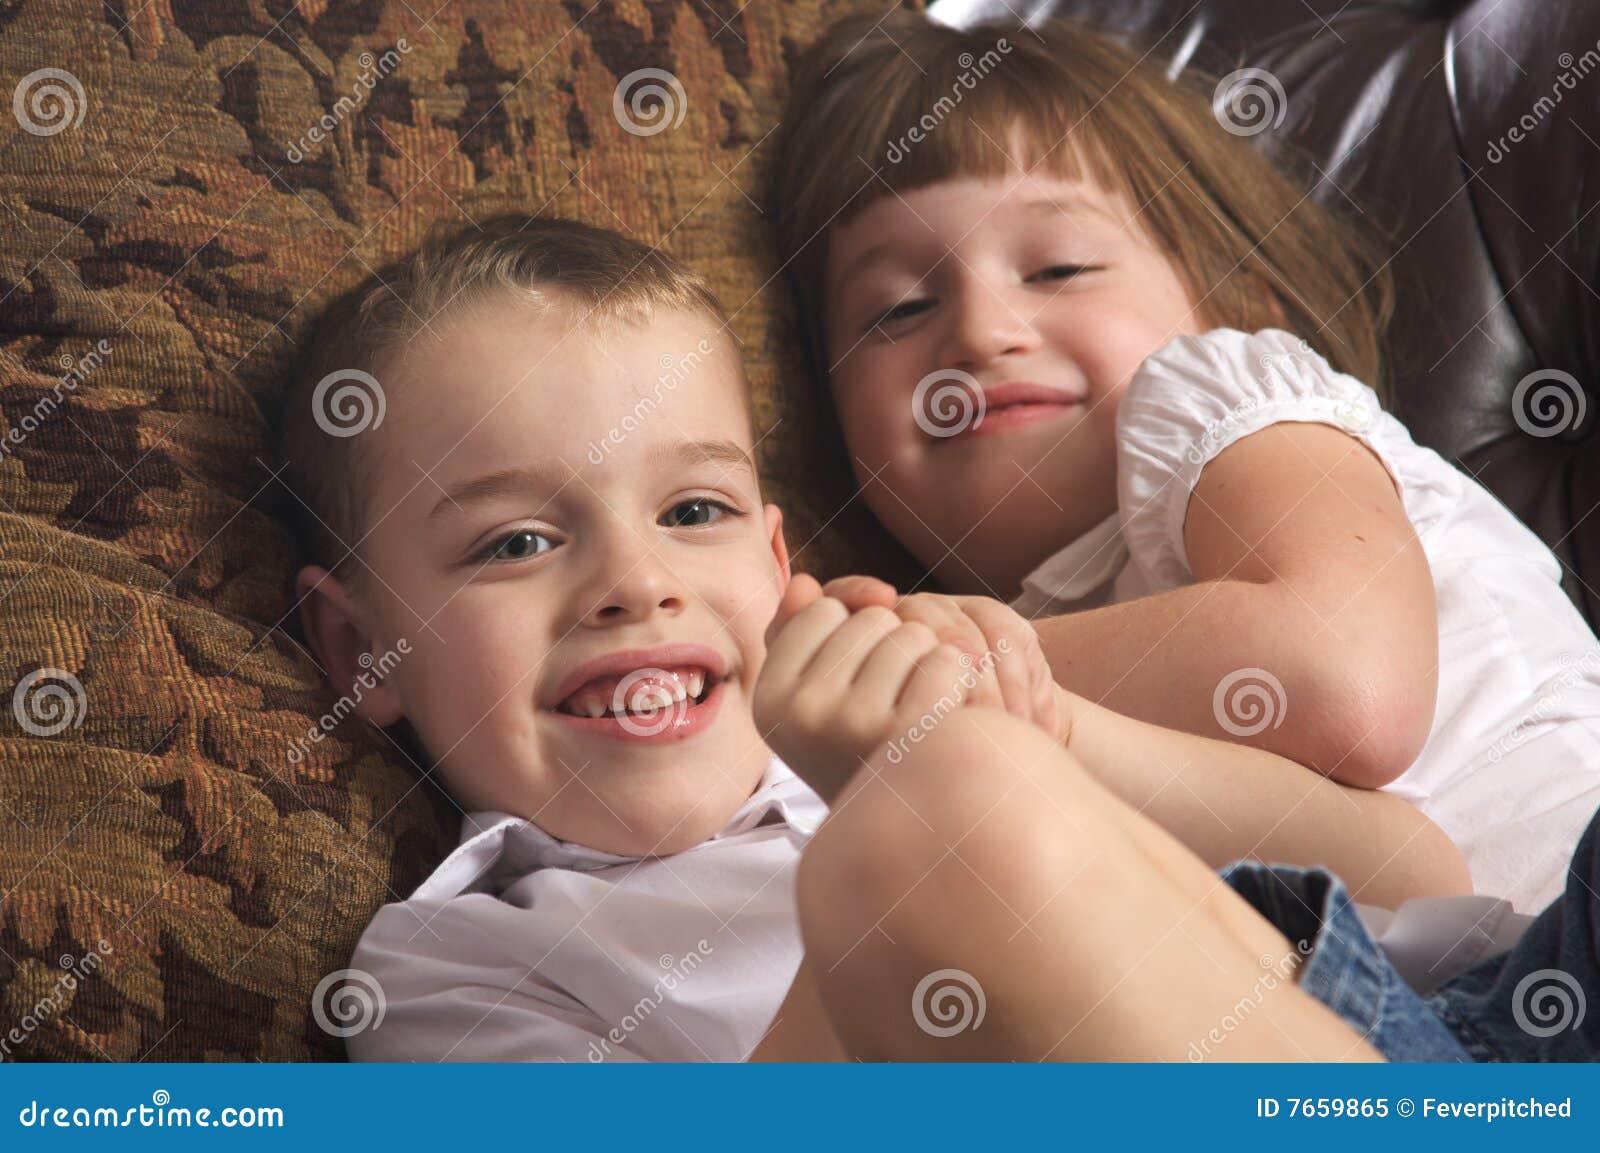 Сестра не удержалась перед братом секс, Как брат трахнул сестру с сюжетом в hd жми сюда 23 фотография